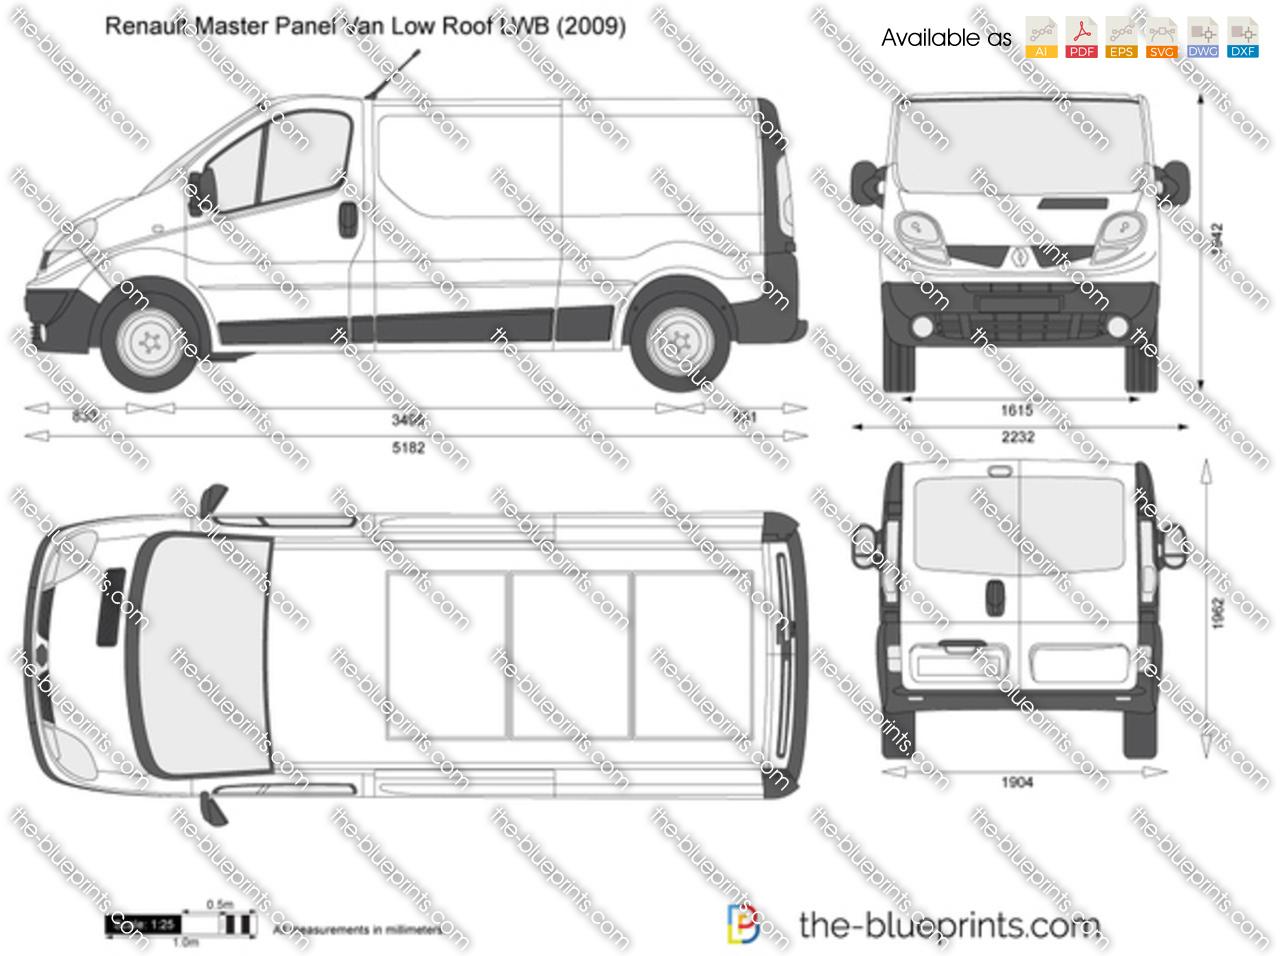 Renault Trafic Panel Van Low Roof LWB 2005